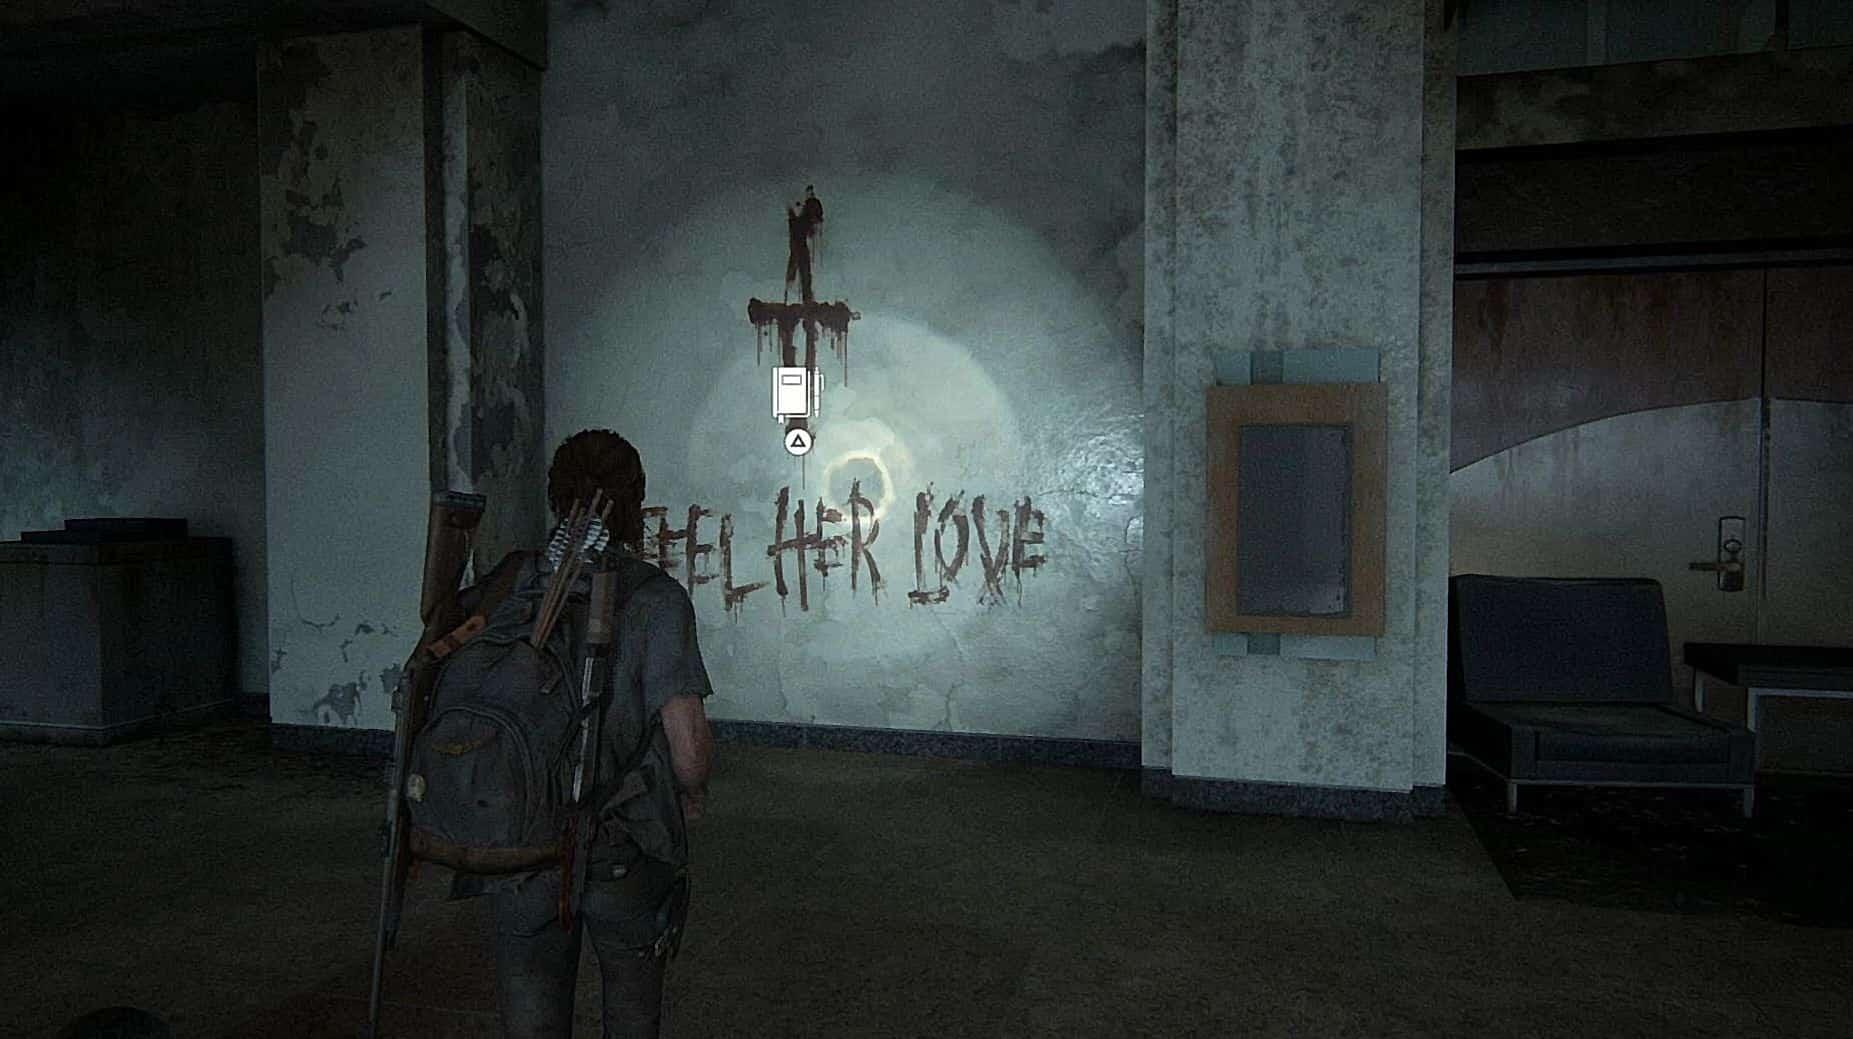 the last of us part 2 journal entry locations 18 - The Last of Us Parte 2 - Guida alla posizione di tutte le voci del diario